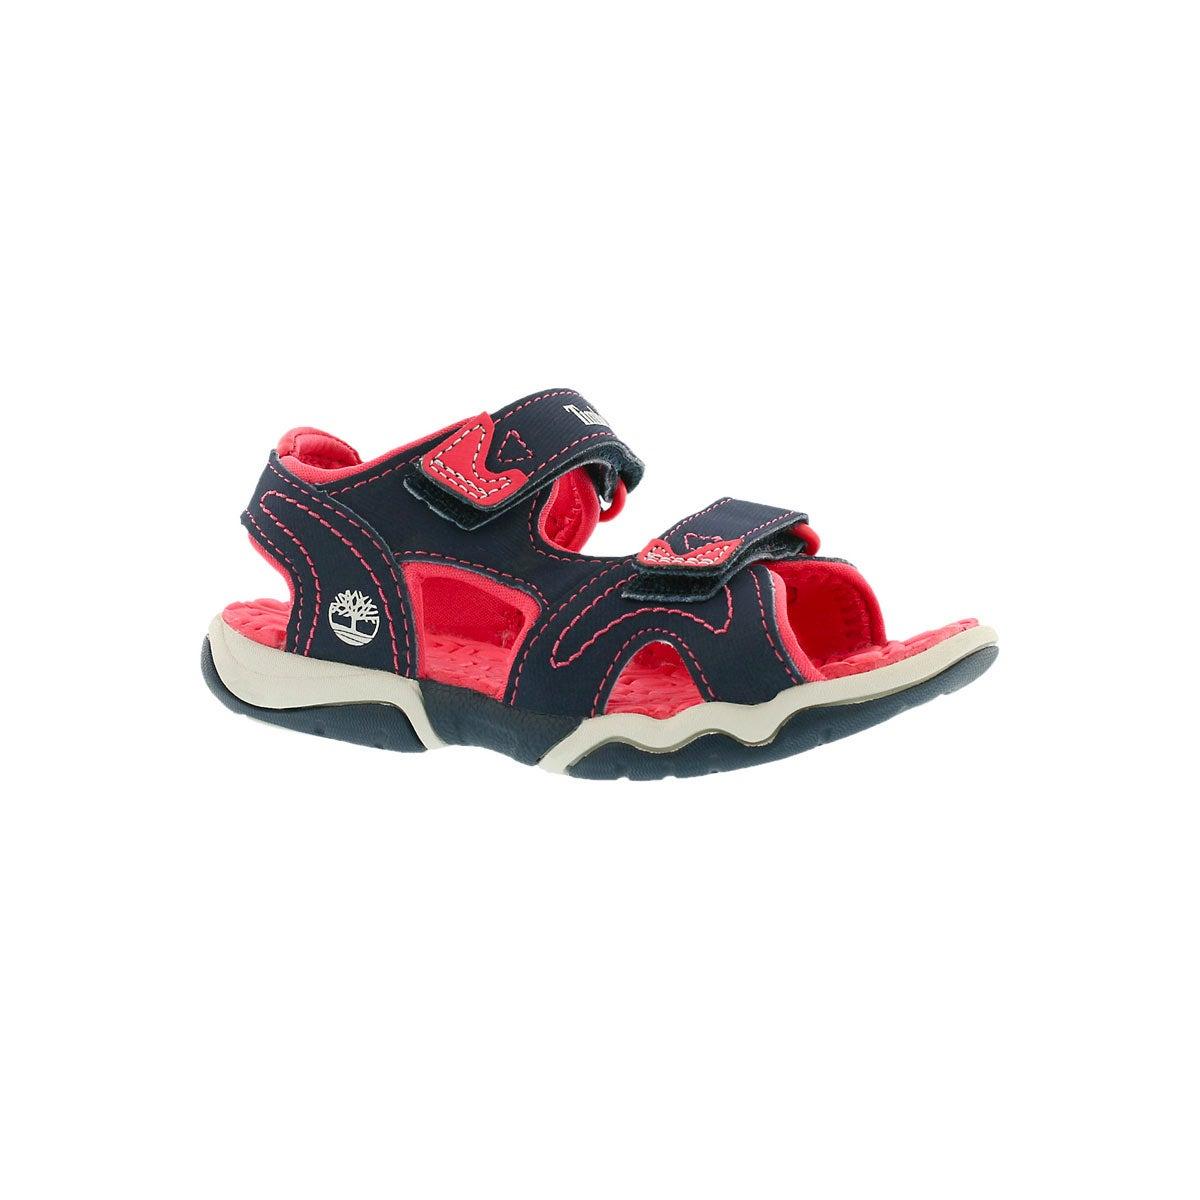 Infants' ADVENTURE SEEKER navy/pink sandals